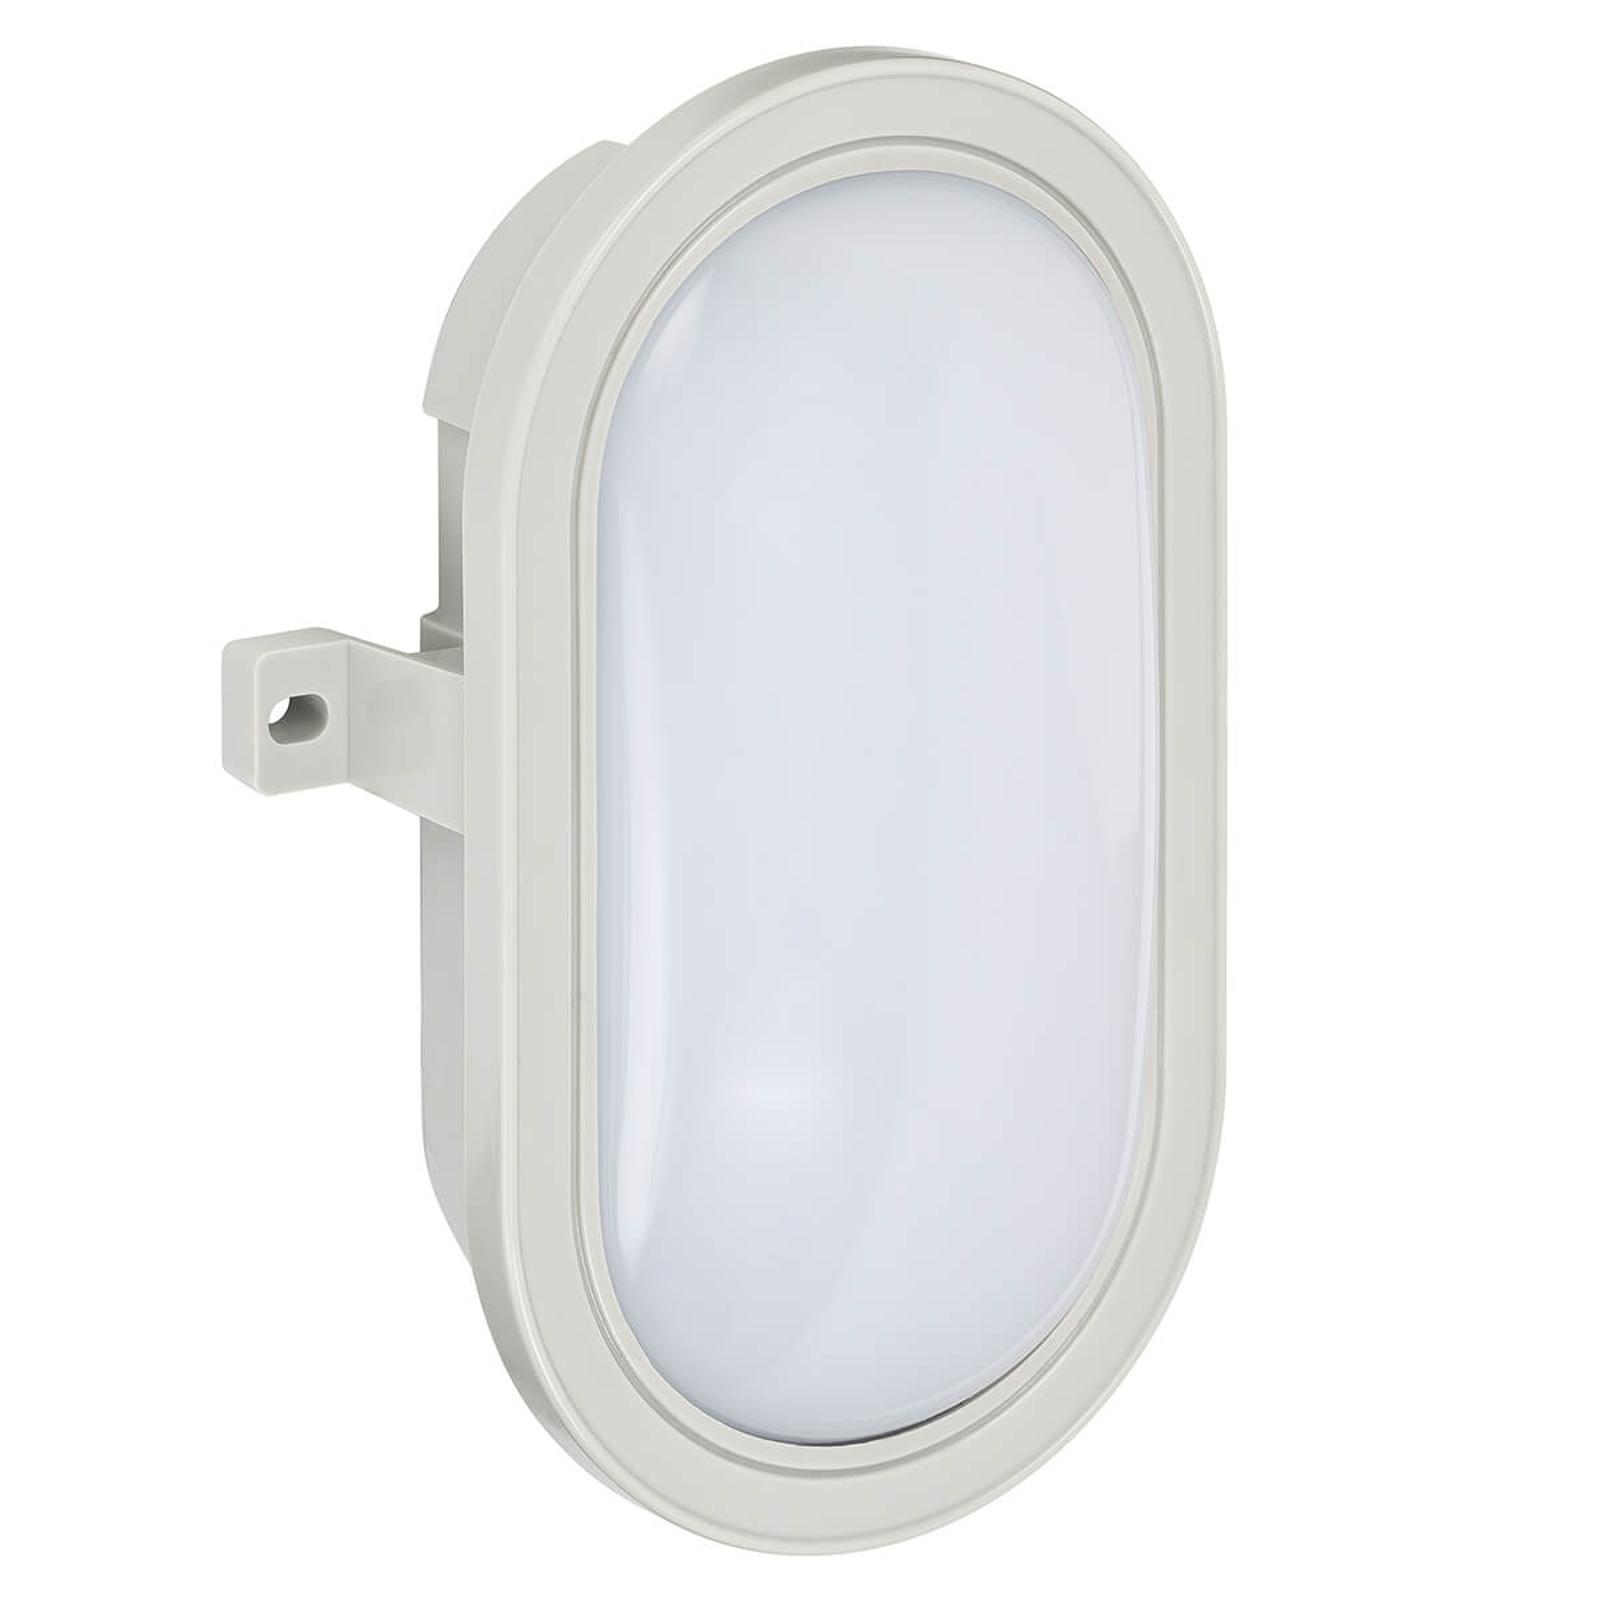 Ovale LED-Außenwandlampe Mats aus Kunststoff